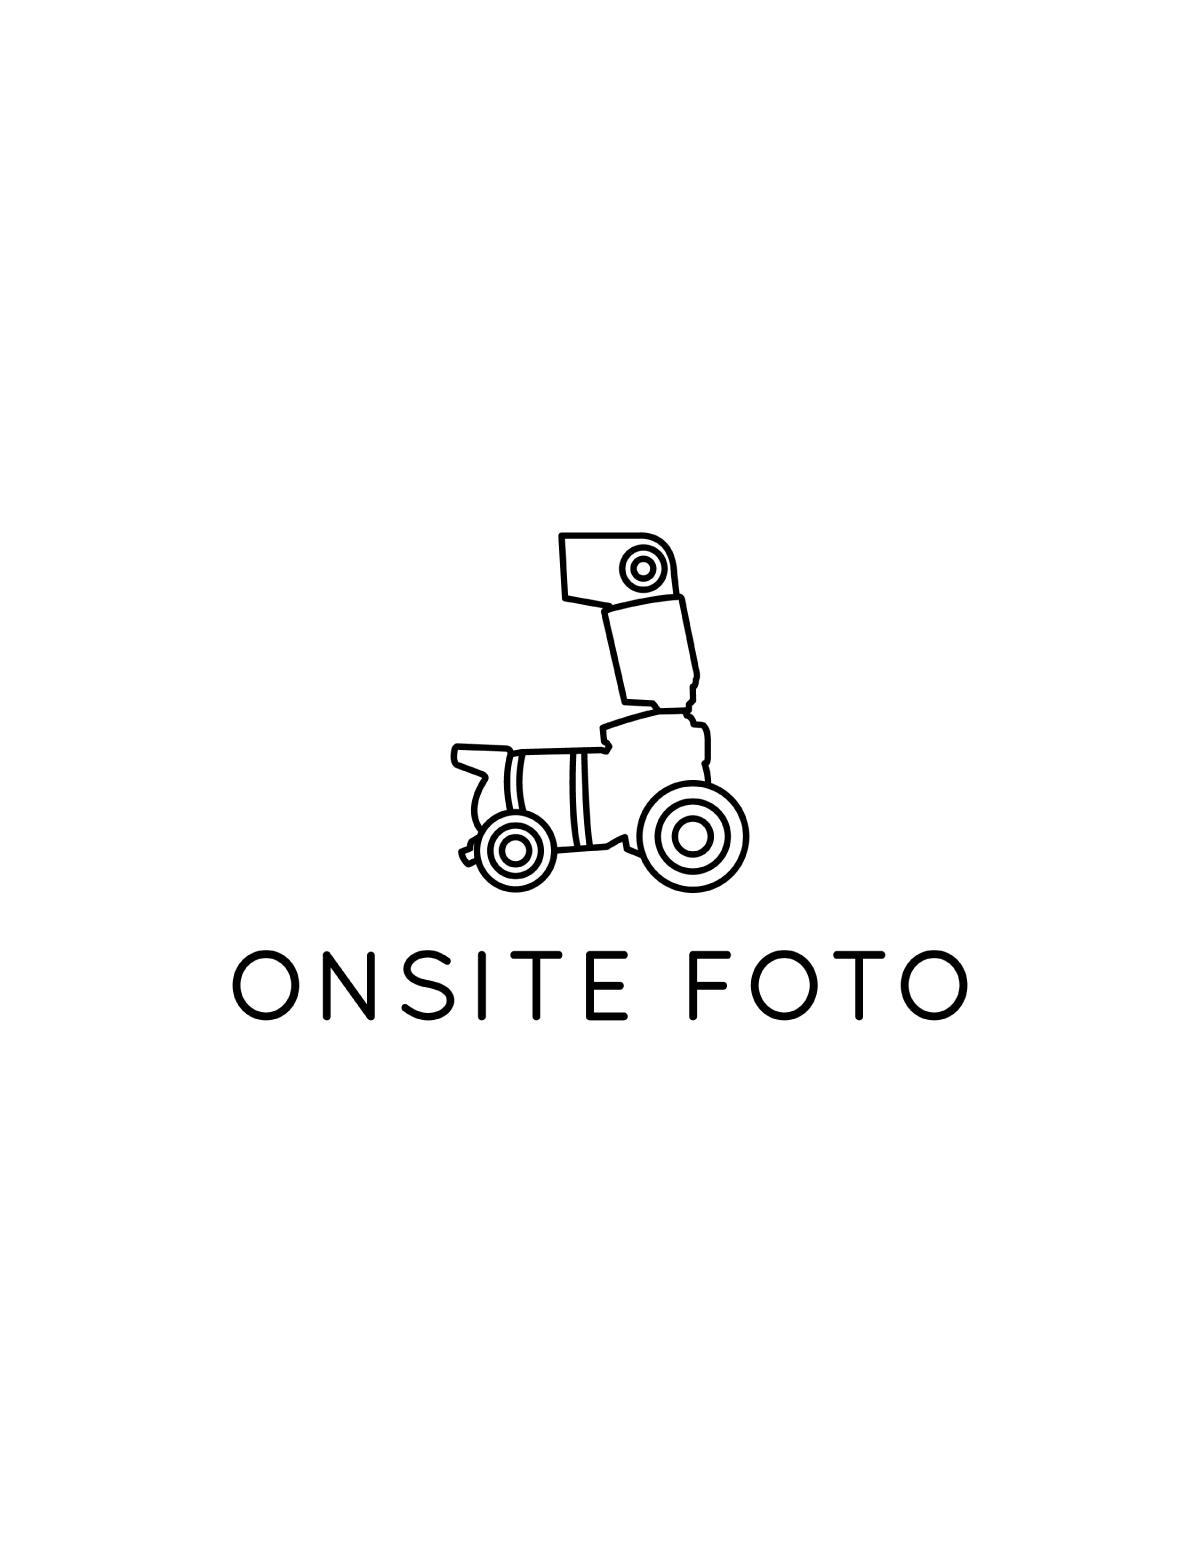 Onsite-Logo-9.jpg